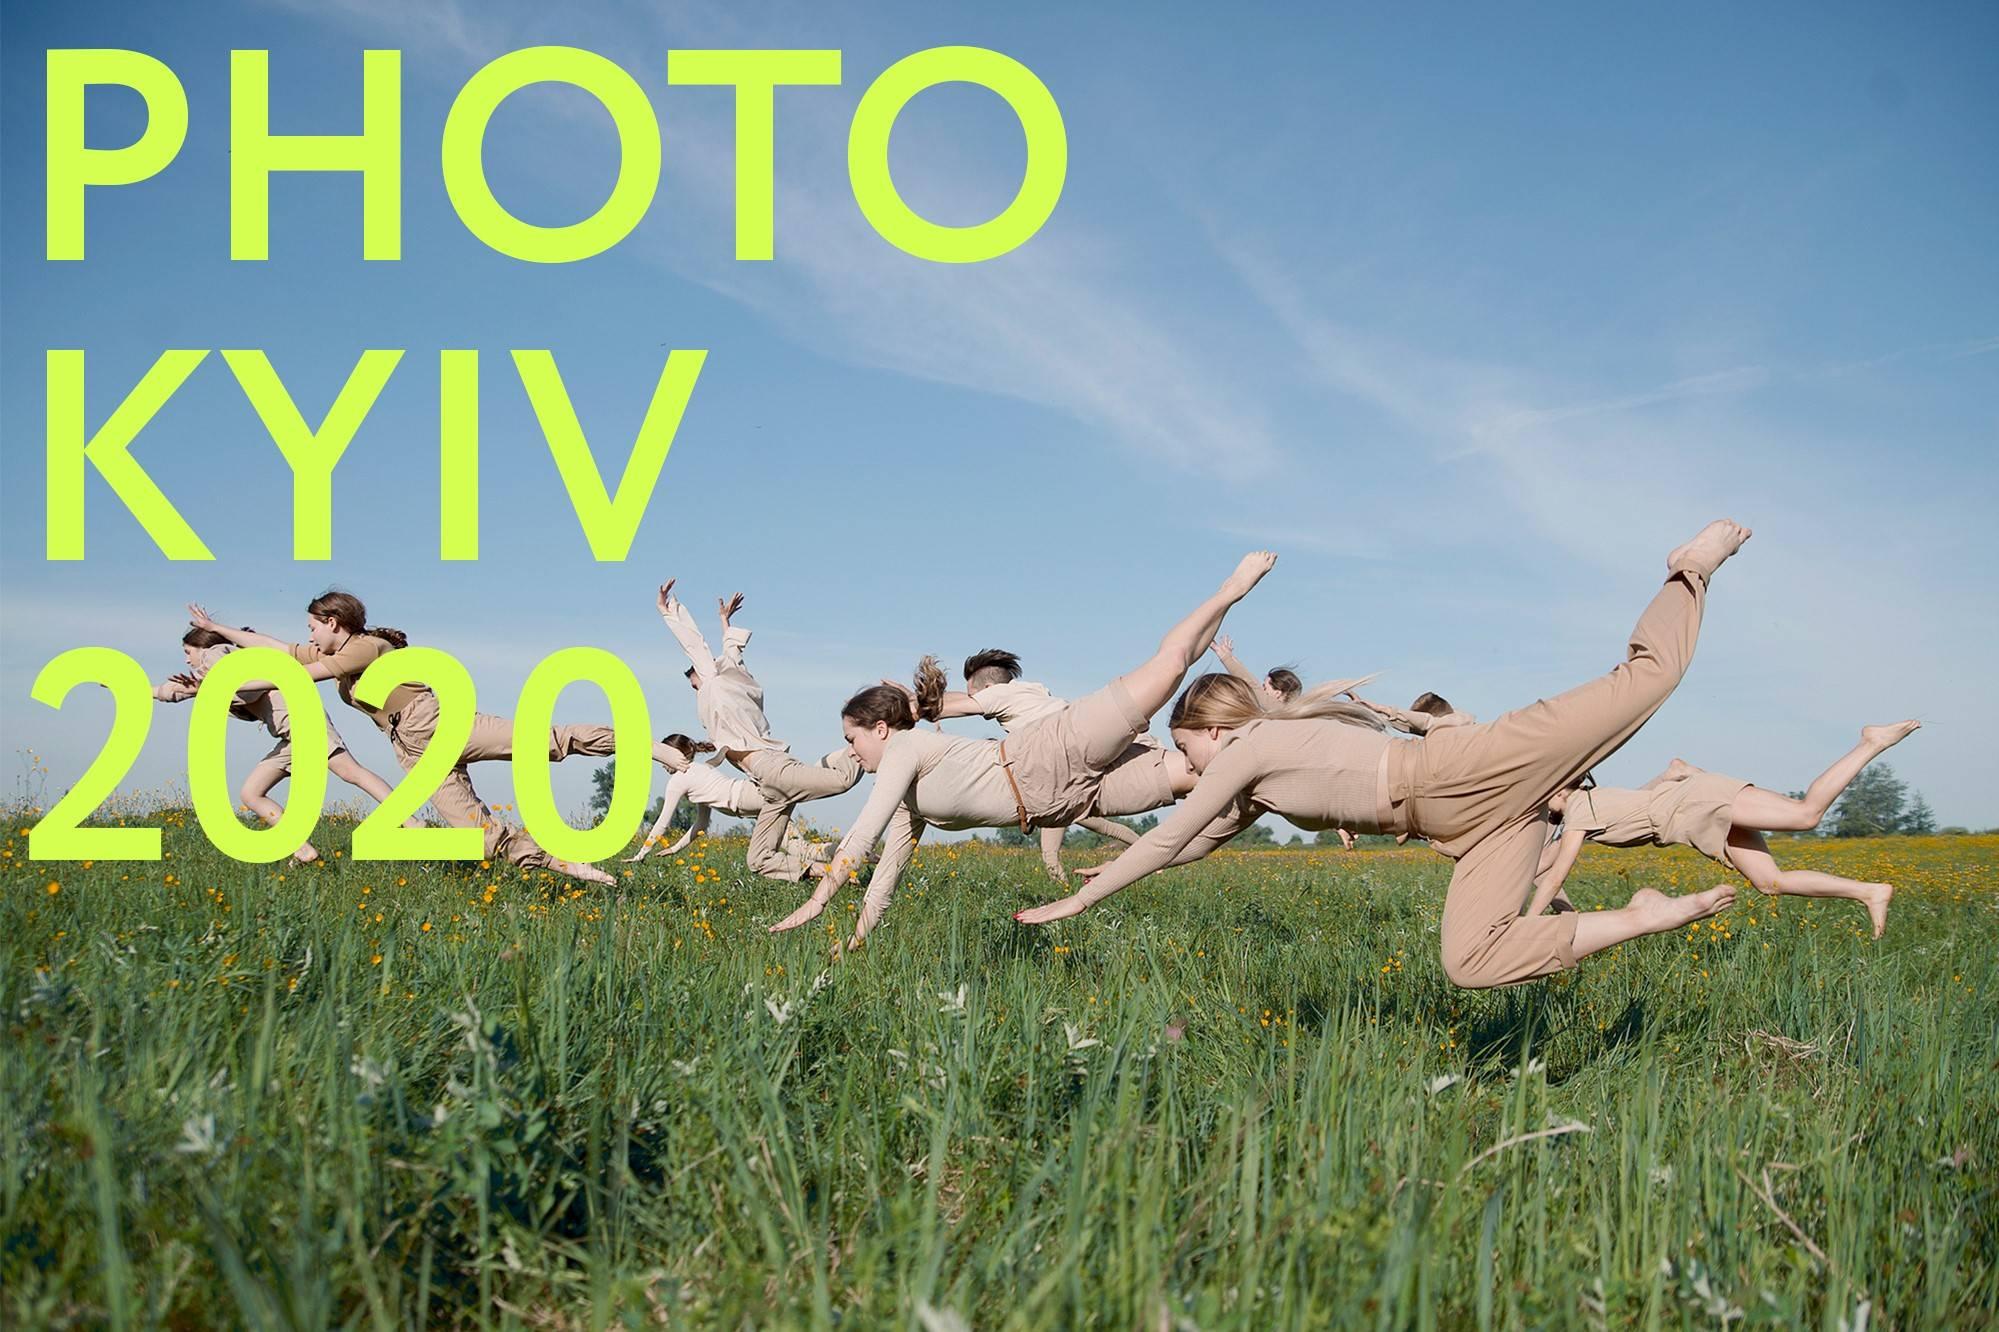 """Photo Kyiv 2020: круглий стіл """"Фотографія в інтер'єрі"""""""